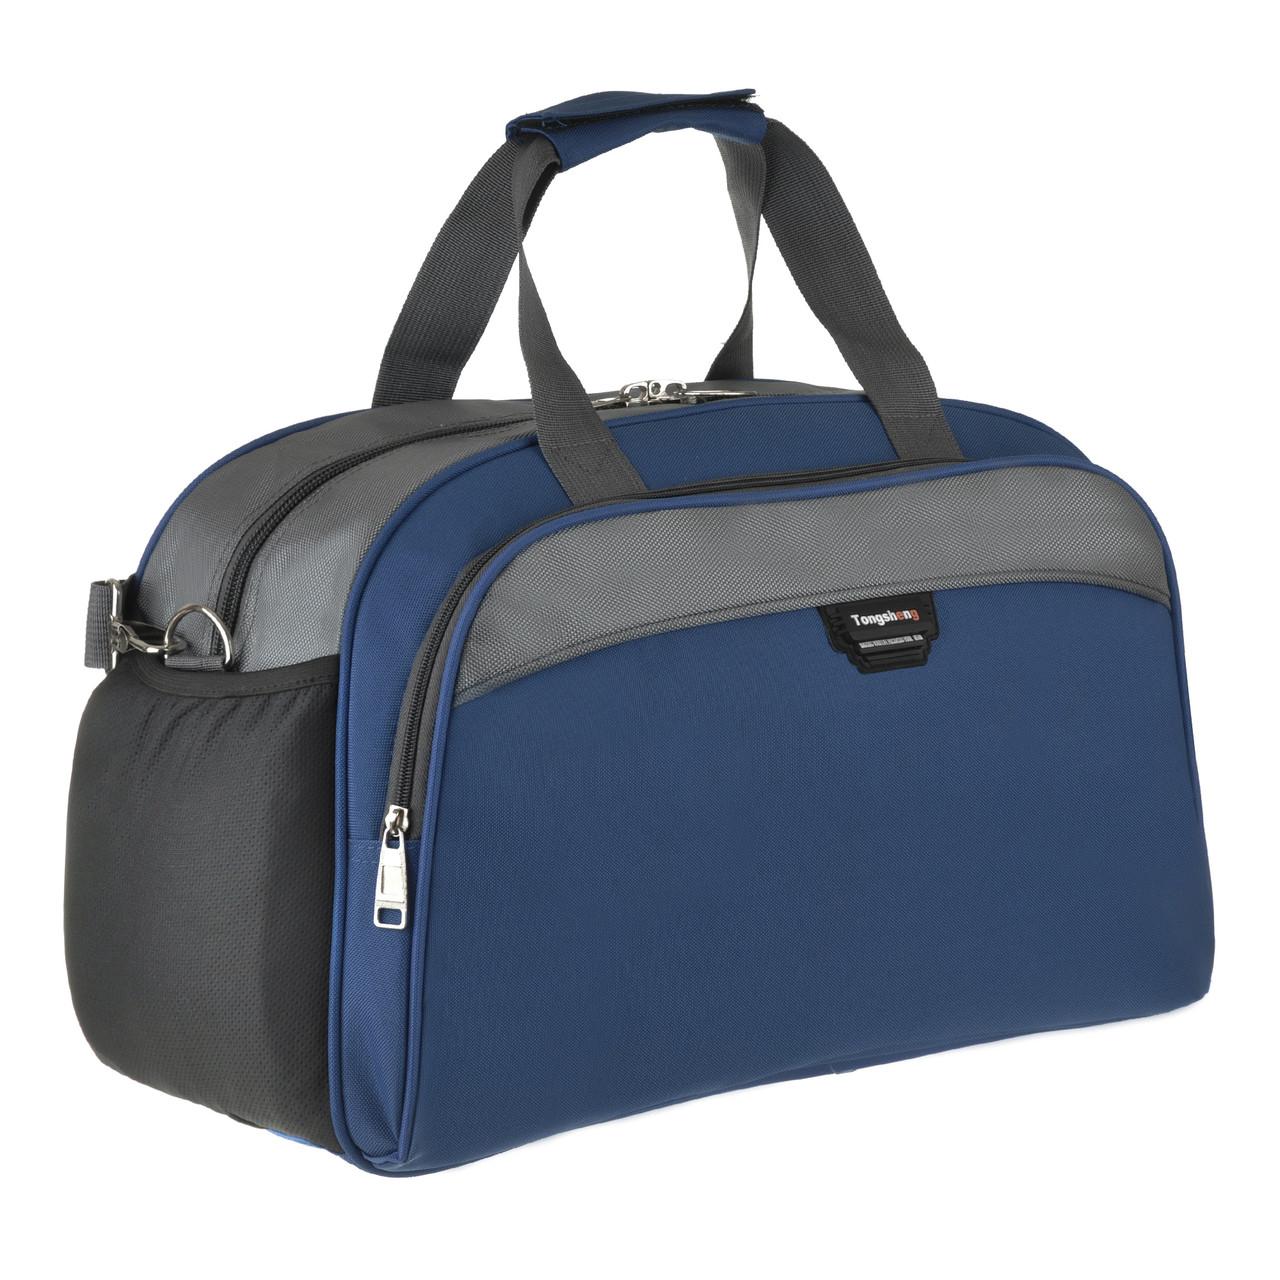 Дорожная сумка синяя TONGSHENG 49x32x22 полиэстр  кс999028син